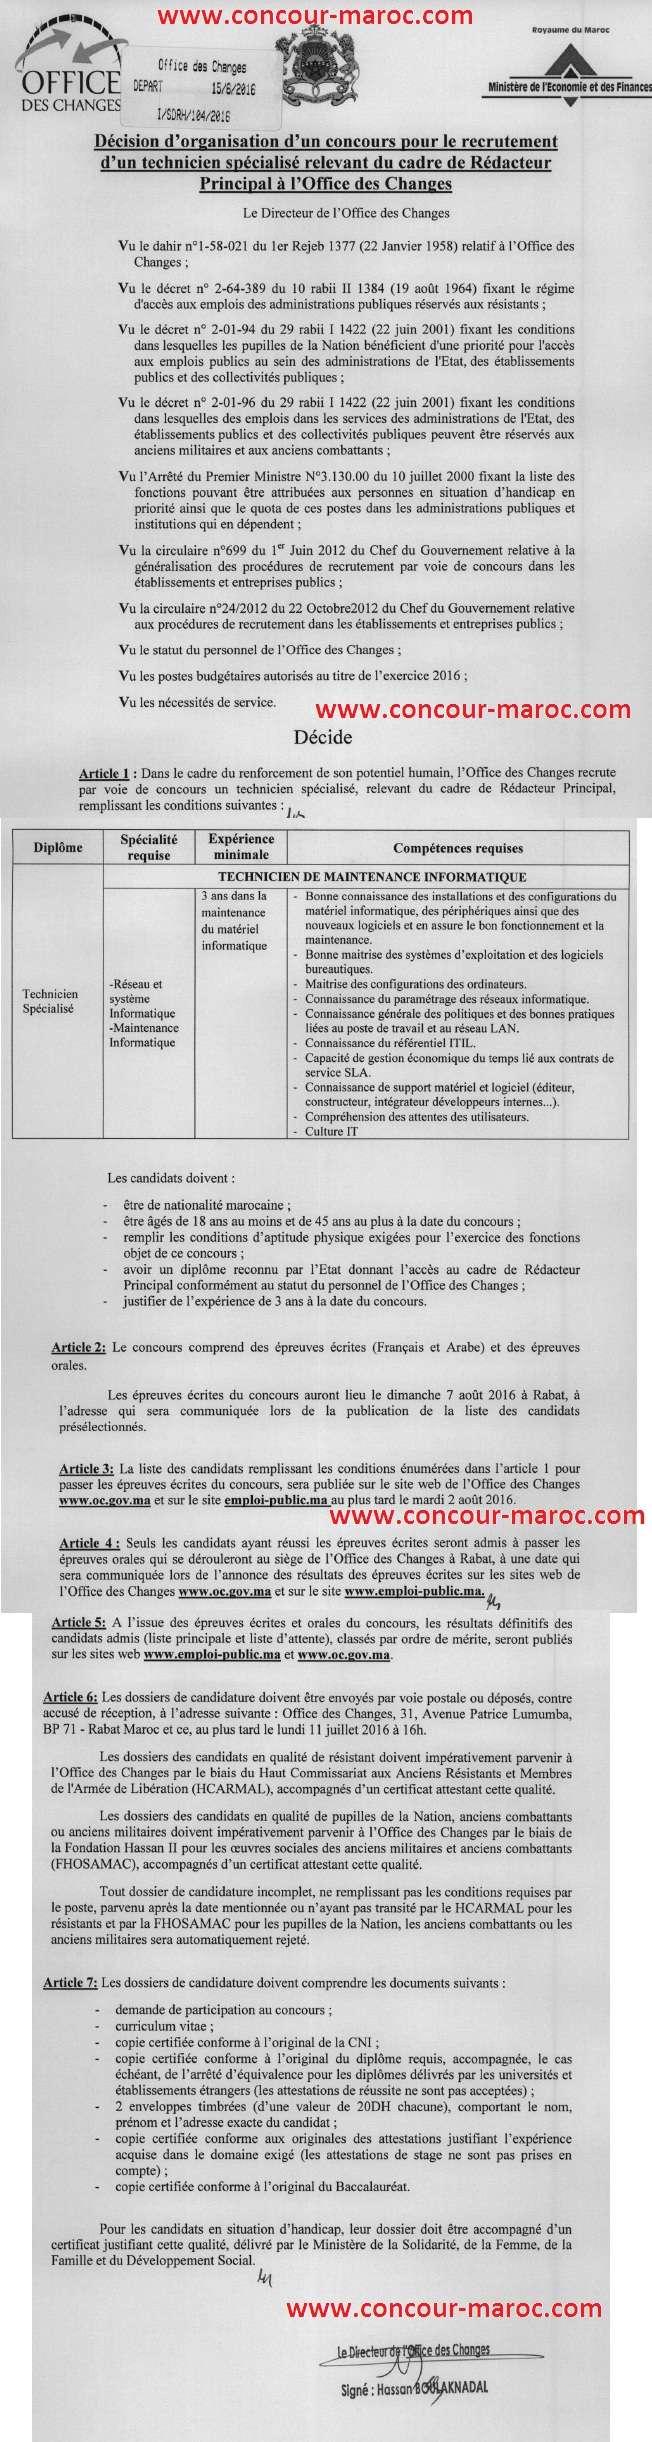 مكتب الصرف : مباراة لتوظيف تقني متخصص (1 منصب) آخر أجل لإيداع الترشيحات 11 يوليوز 2016 Concou17